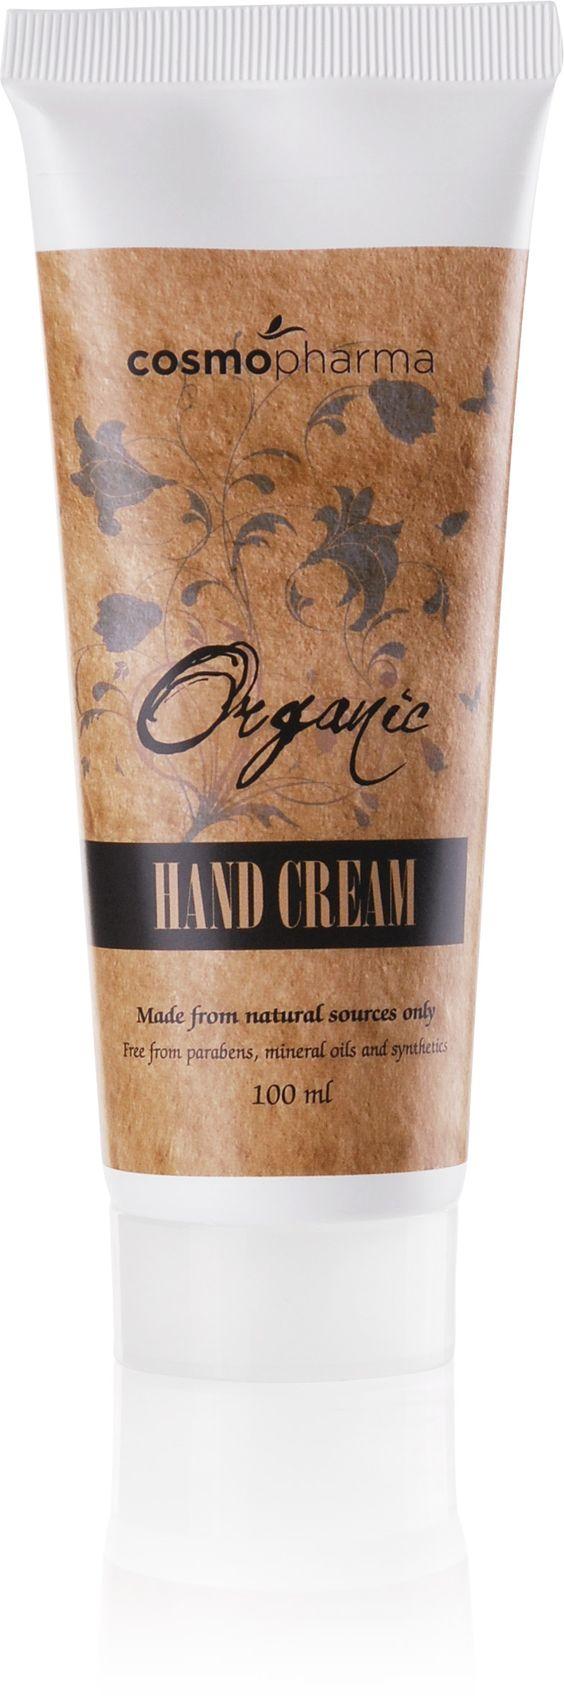 Organic Hand Cream. 100 ml   Cosmopharma konsulent Johansen Karine #handcream #cosmopharma #organic #tørrehender